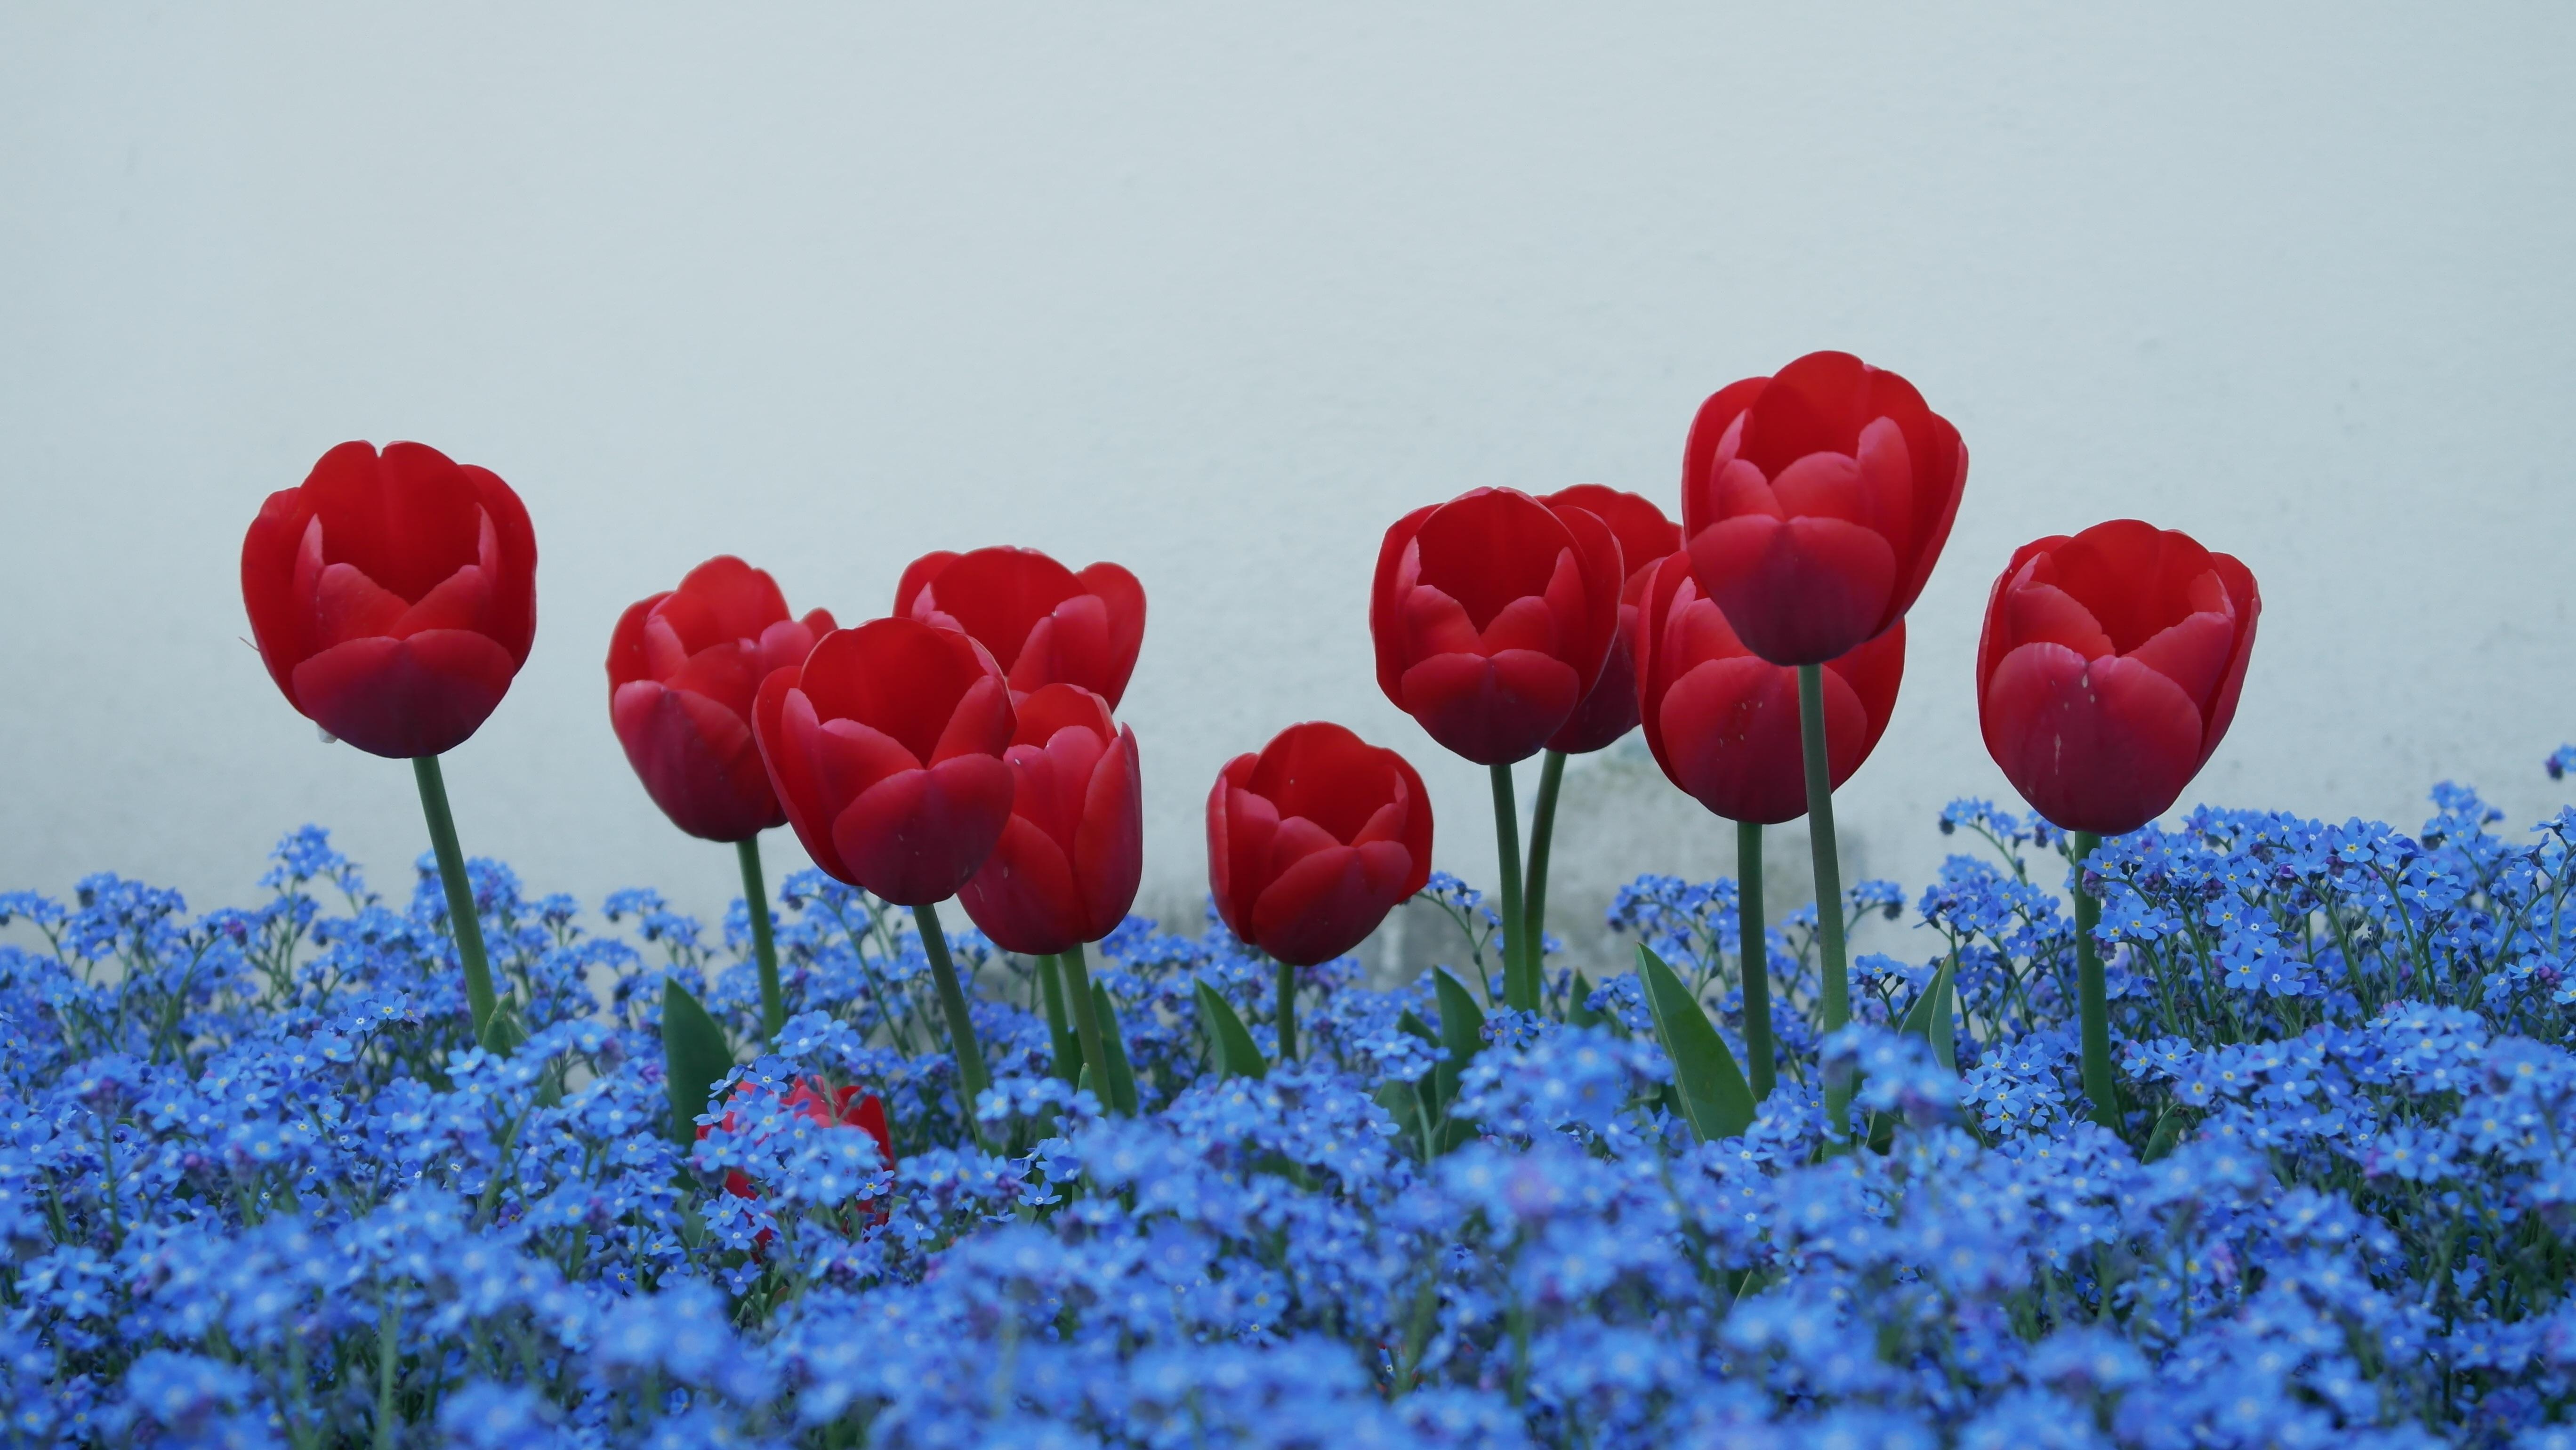 Fotos Gratis : Flor, Pétalo, Tulipán, Flores, No Me